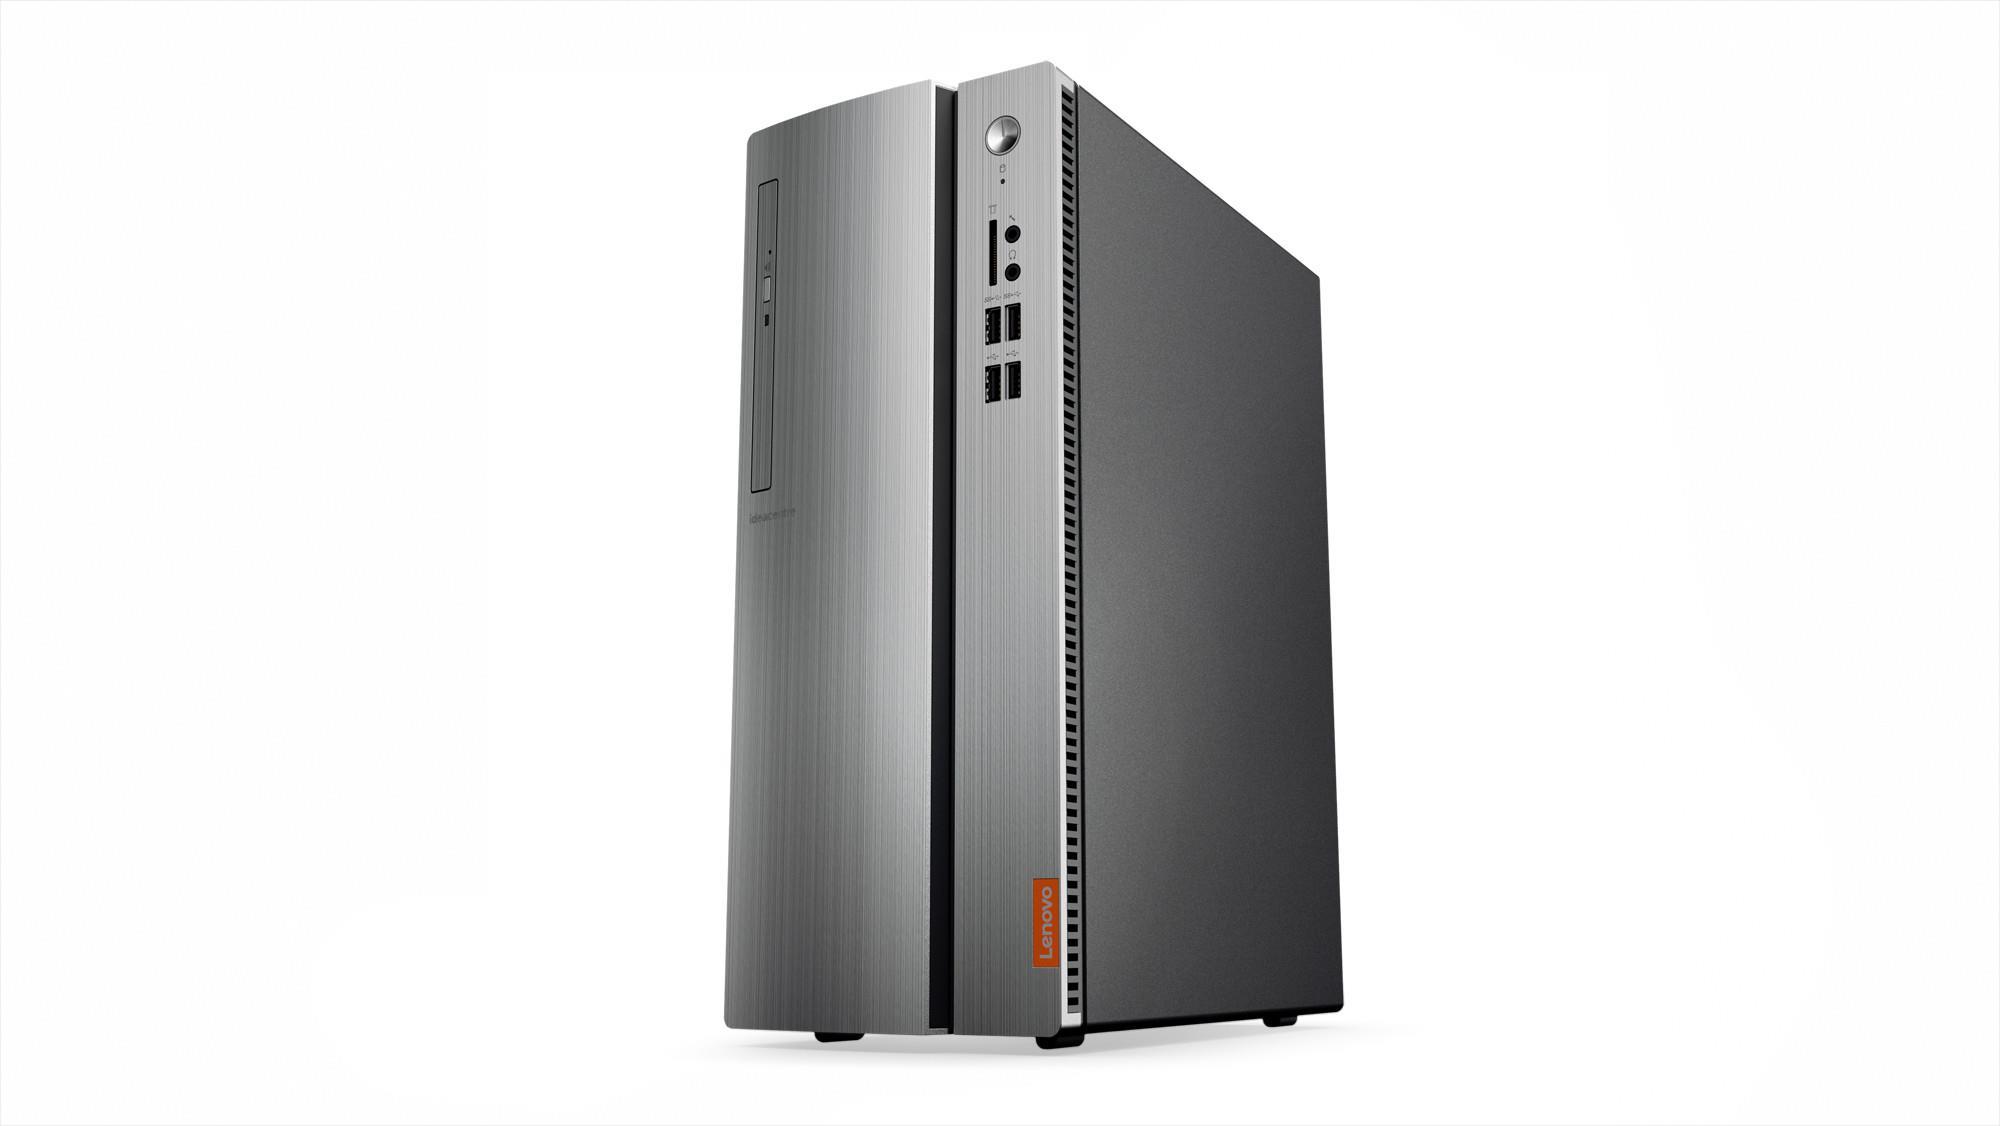 Komputer PC Lenovo IdeaCentre 510-15IKL i3-7100 4GB 1TB iHD630 W10 (1)